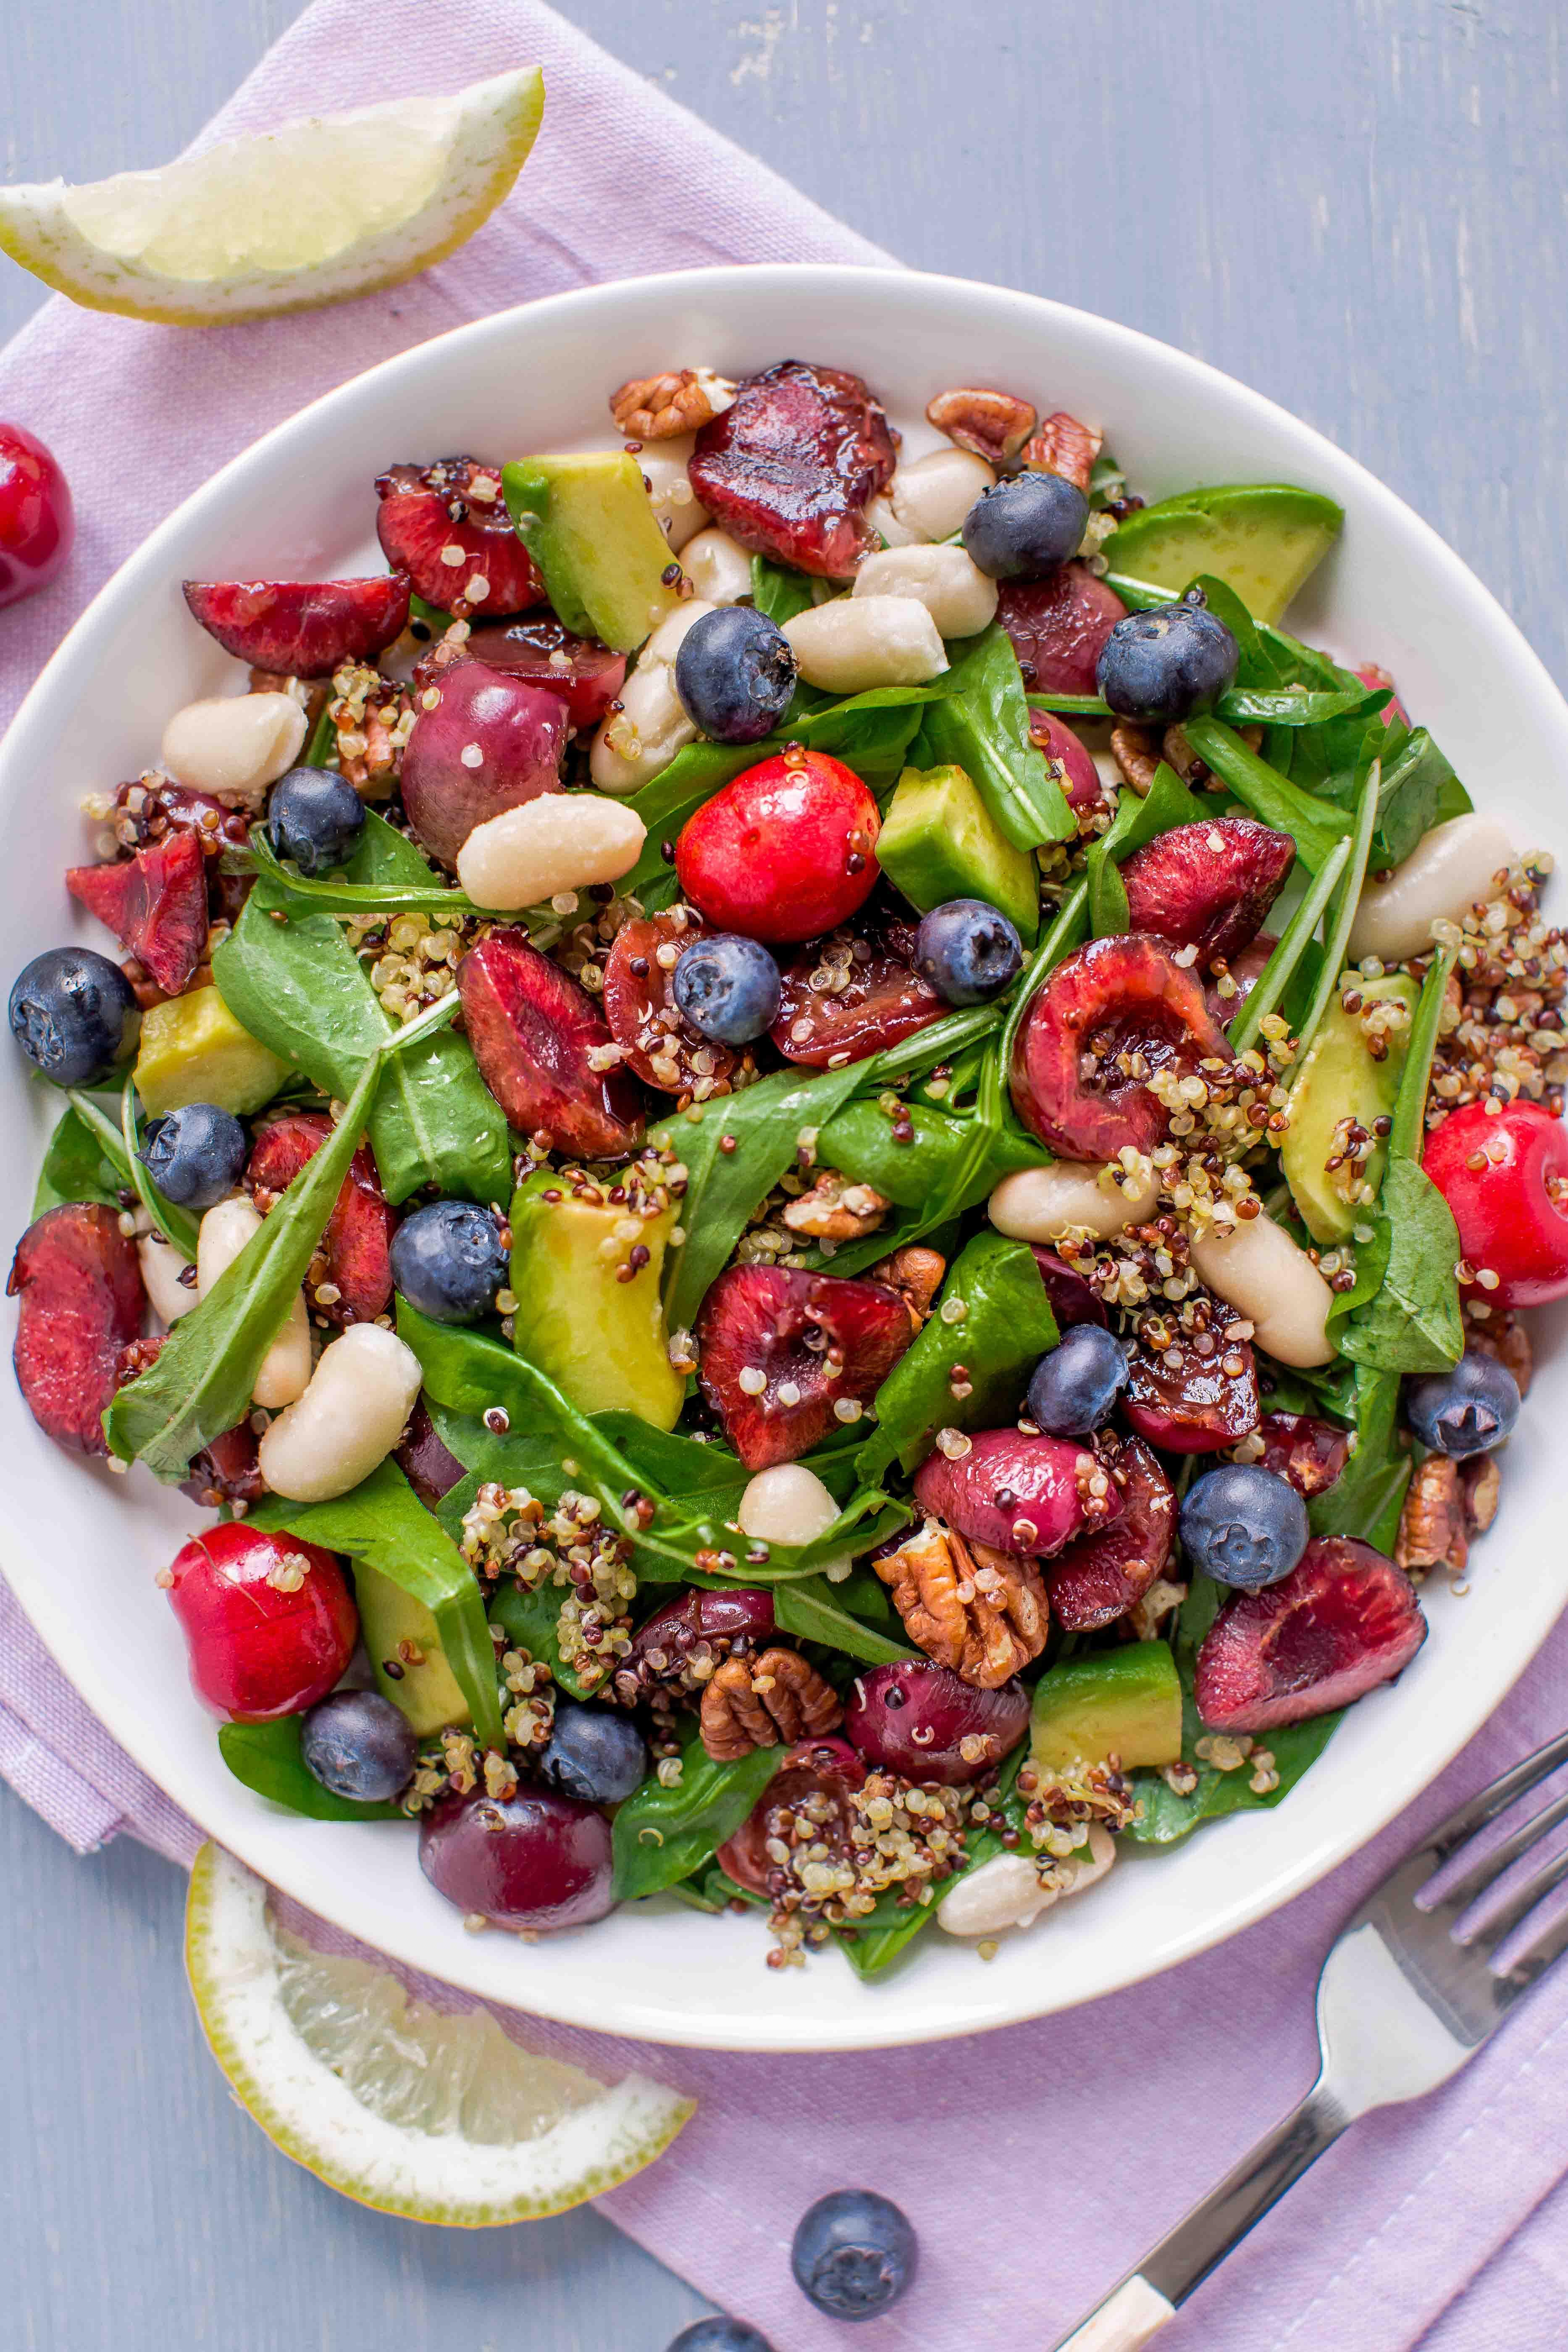 insalata di quinoa e ciliegie all'aceto balsamico e mirtilli - balsamic cherry quinoa salad with pecans and blueberry #vegan #glutenfree